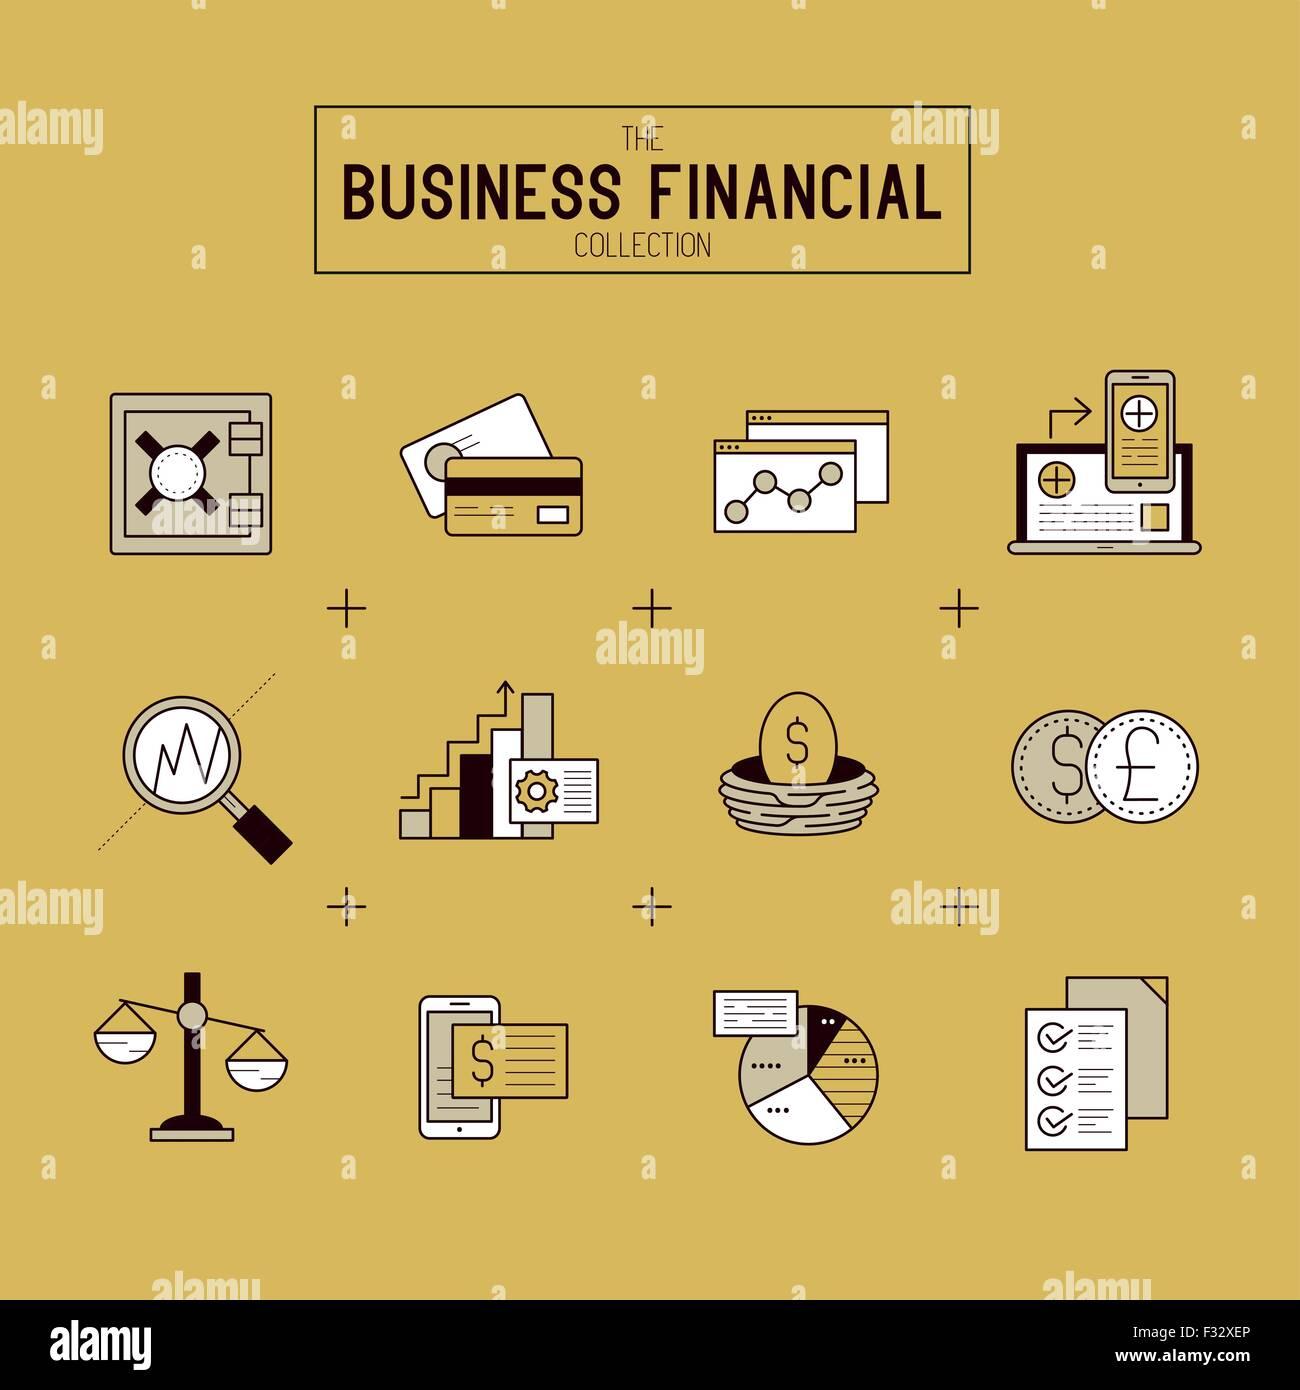 Business Financial Icon Set. Eine Sammlung von gold finanzielle Symbole darunter Marktinstrumente, Balkendiagramme Stock Vektor